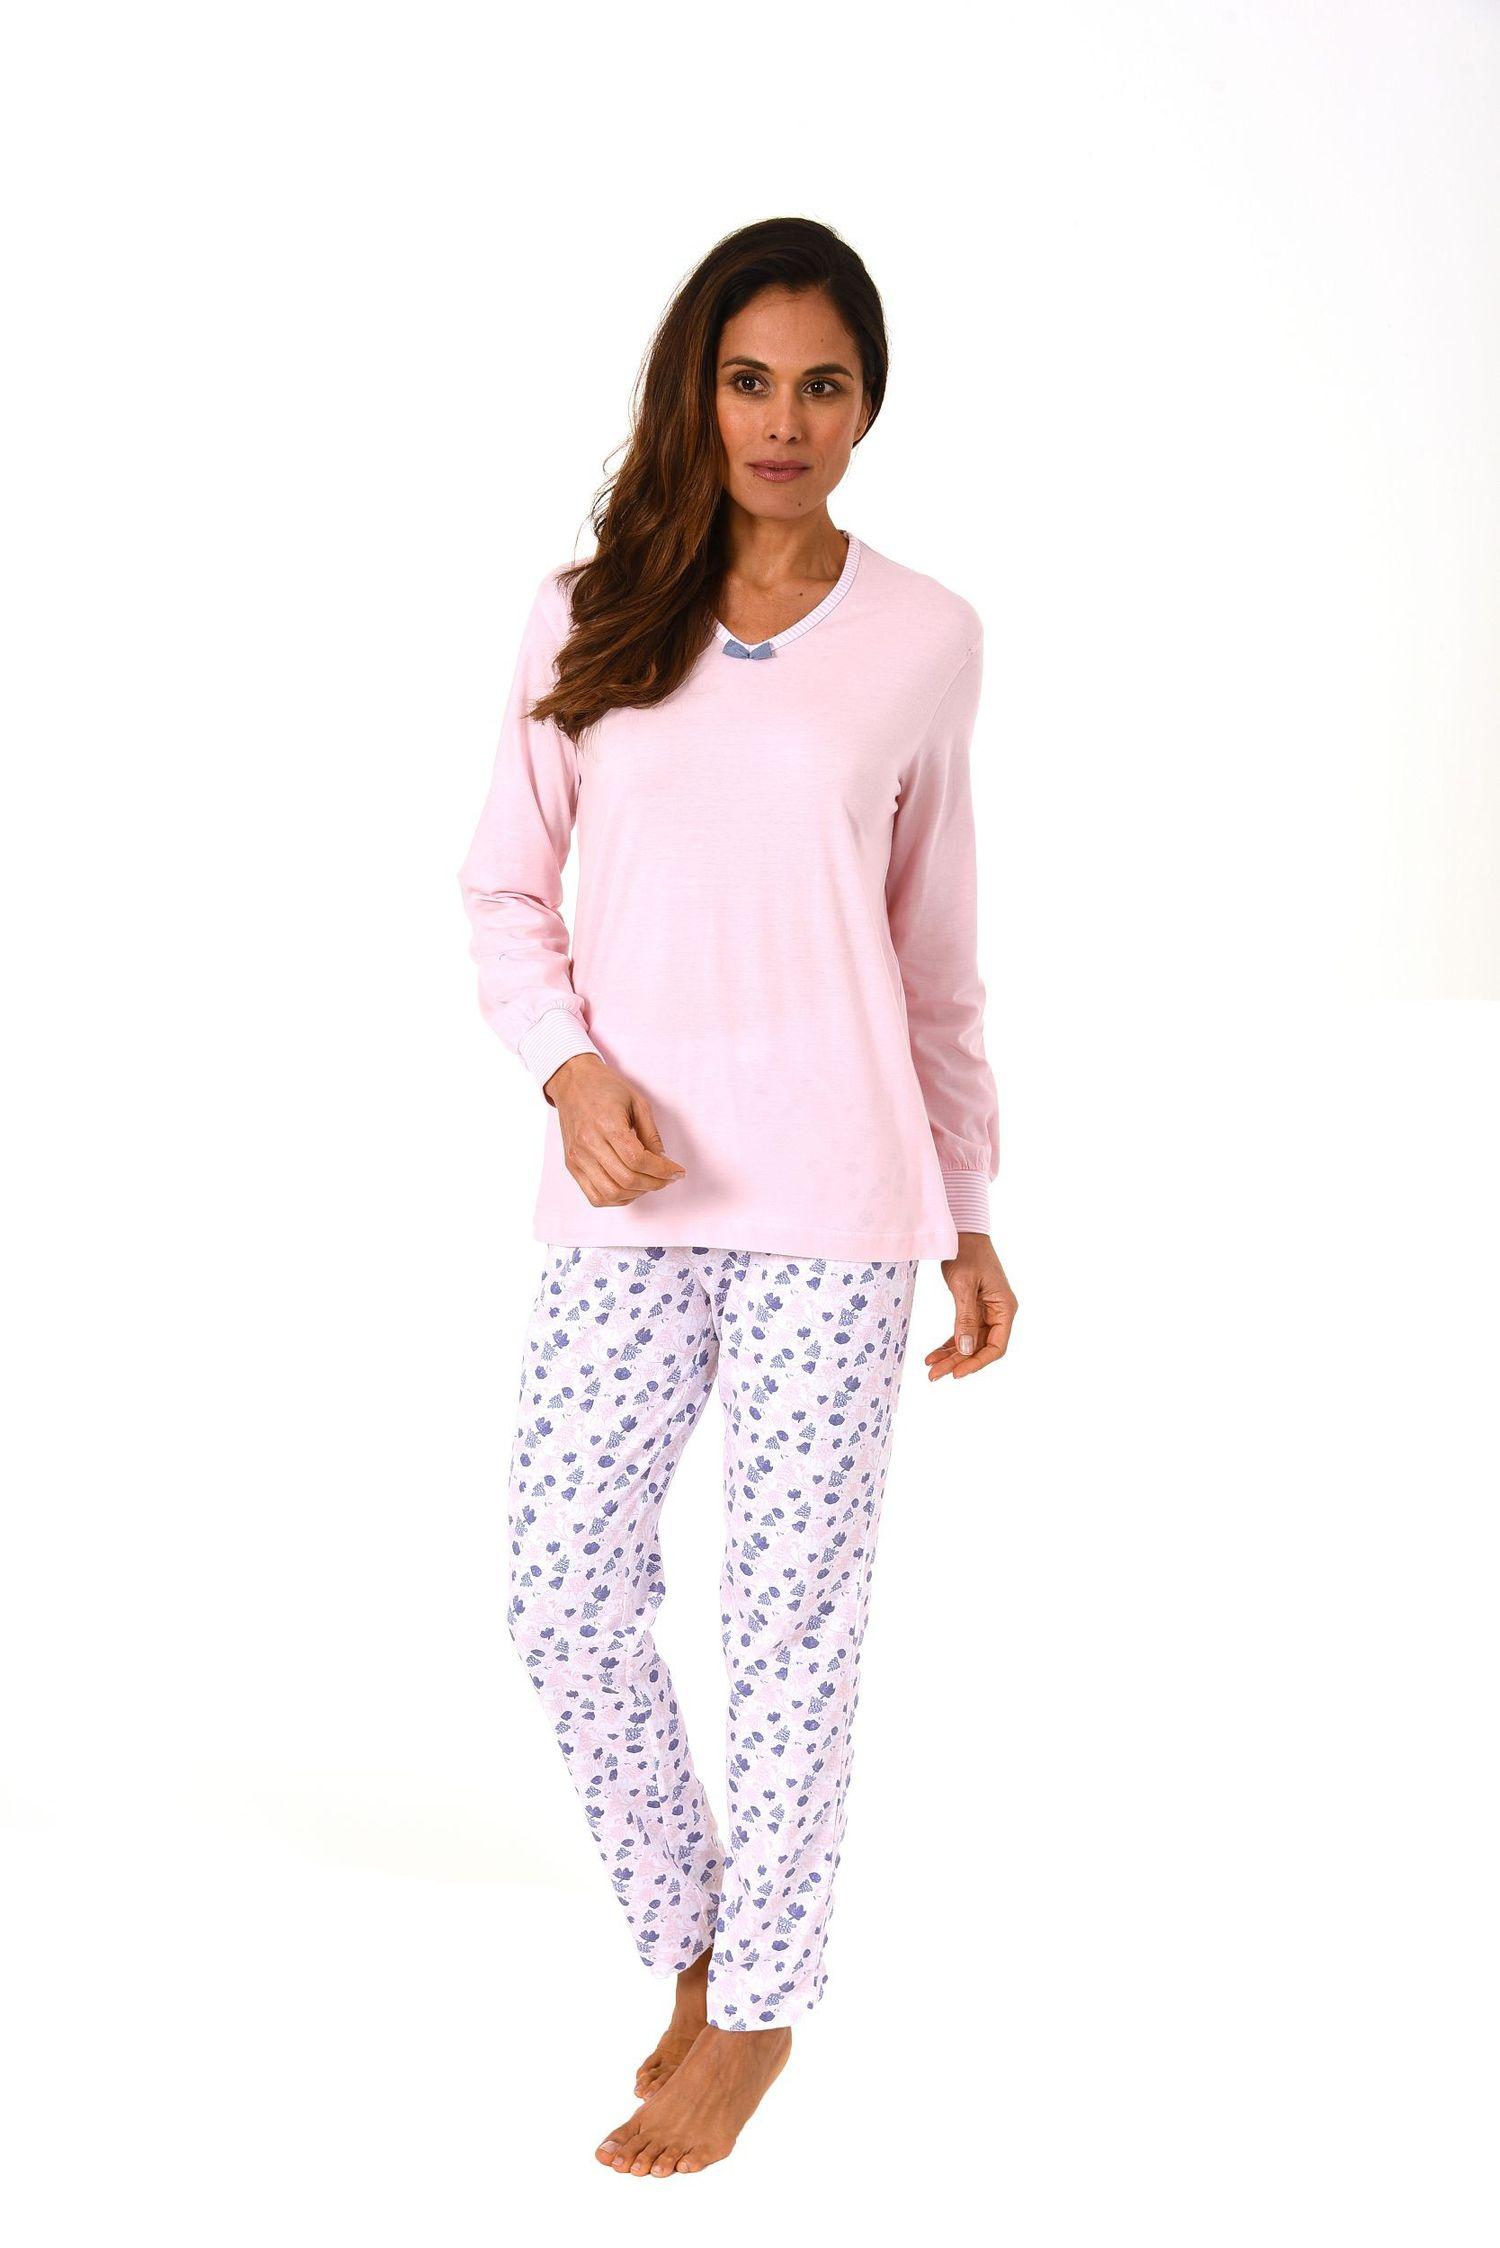 Wunderschöner Damen Pyjama langarm  – auch in Übergrössen bis 60/62 –  271 201 90 100 001